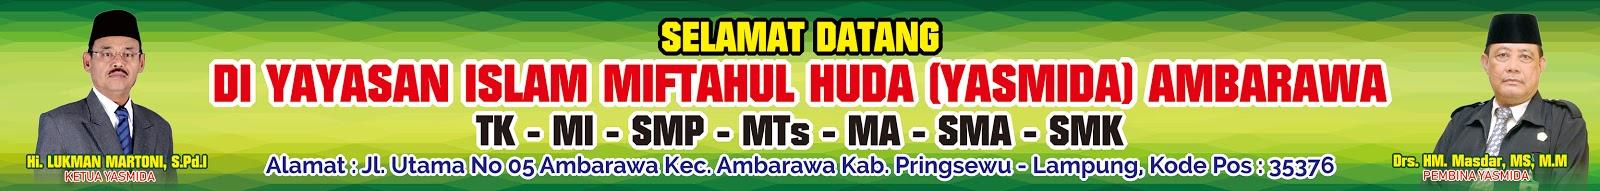 Desain Spanduk Selamat Datang di Yasmida Ambarawa - Abdur ...